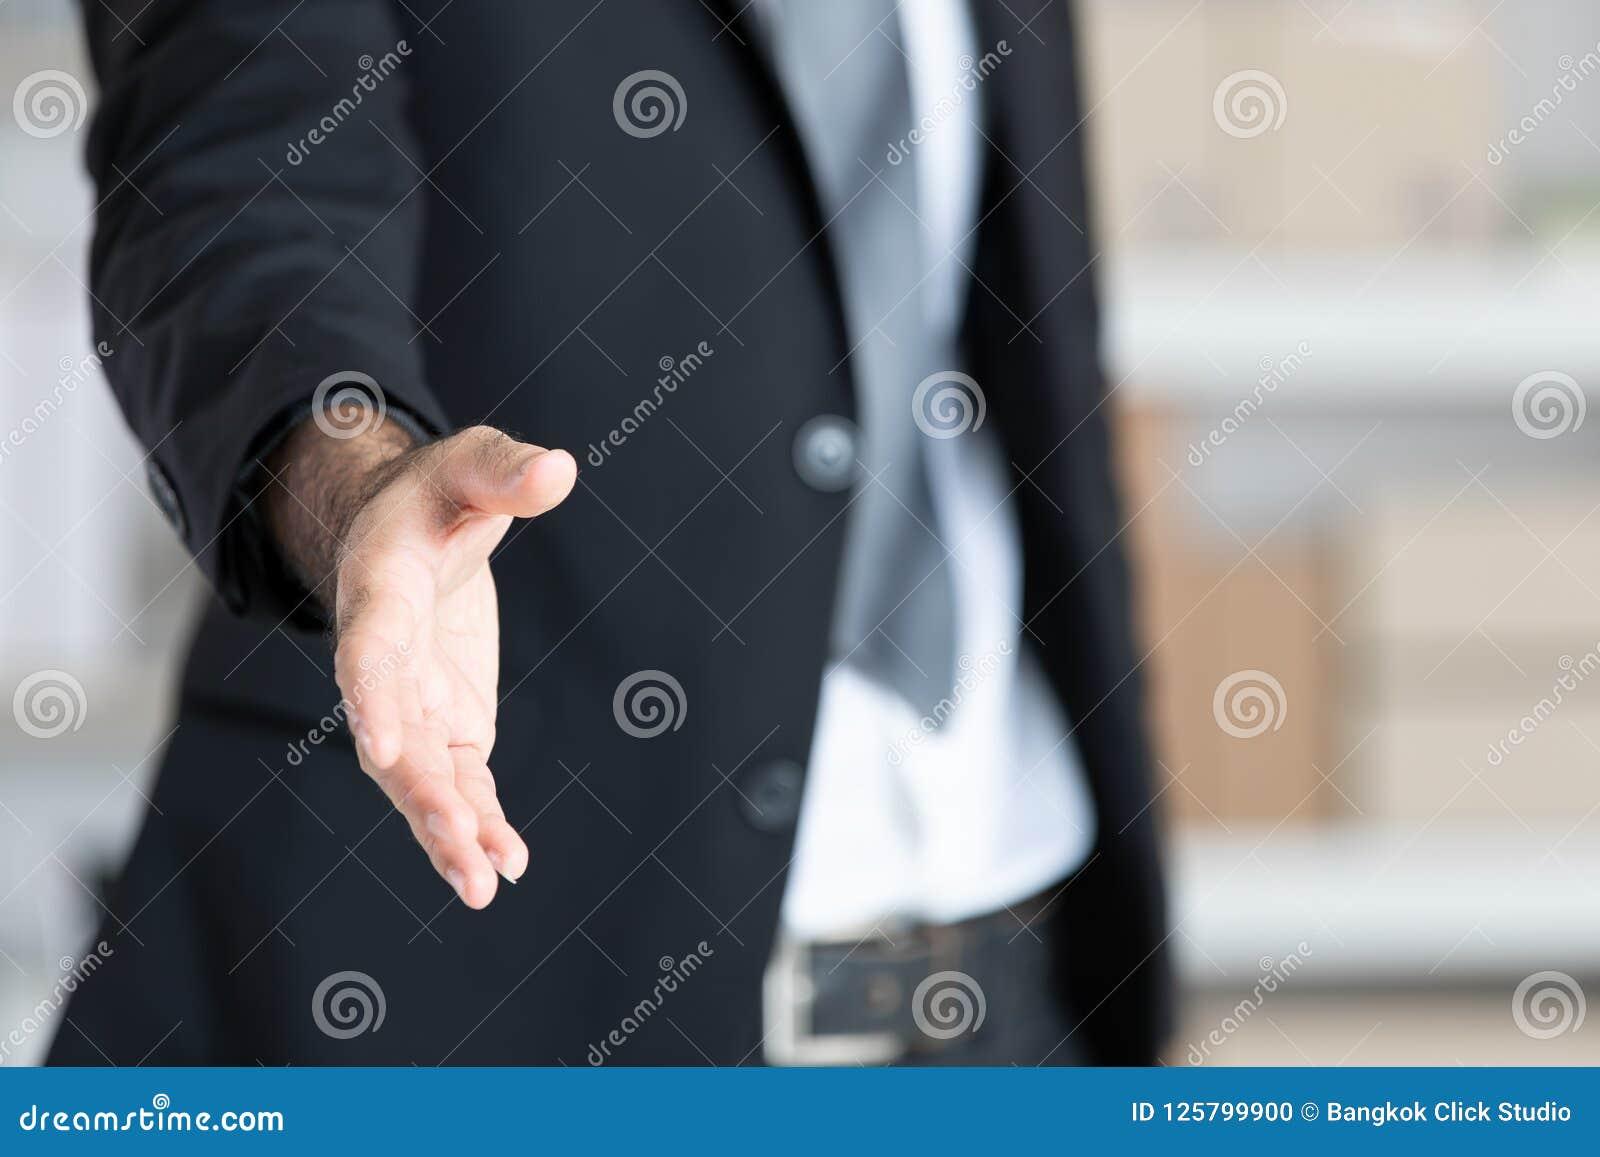 Uomo di affari in mano aperta del vestito nero pronta a stringere le mani, parità